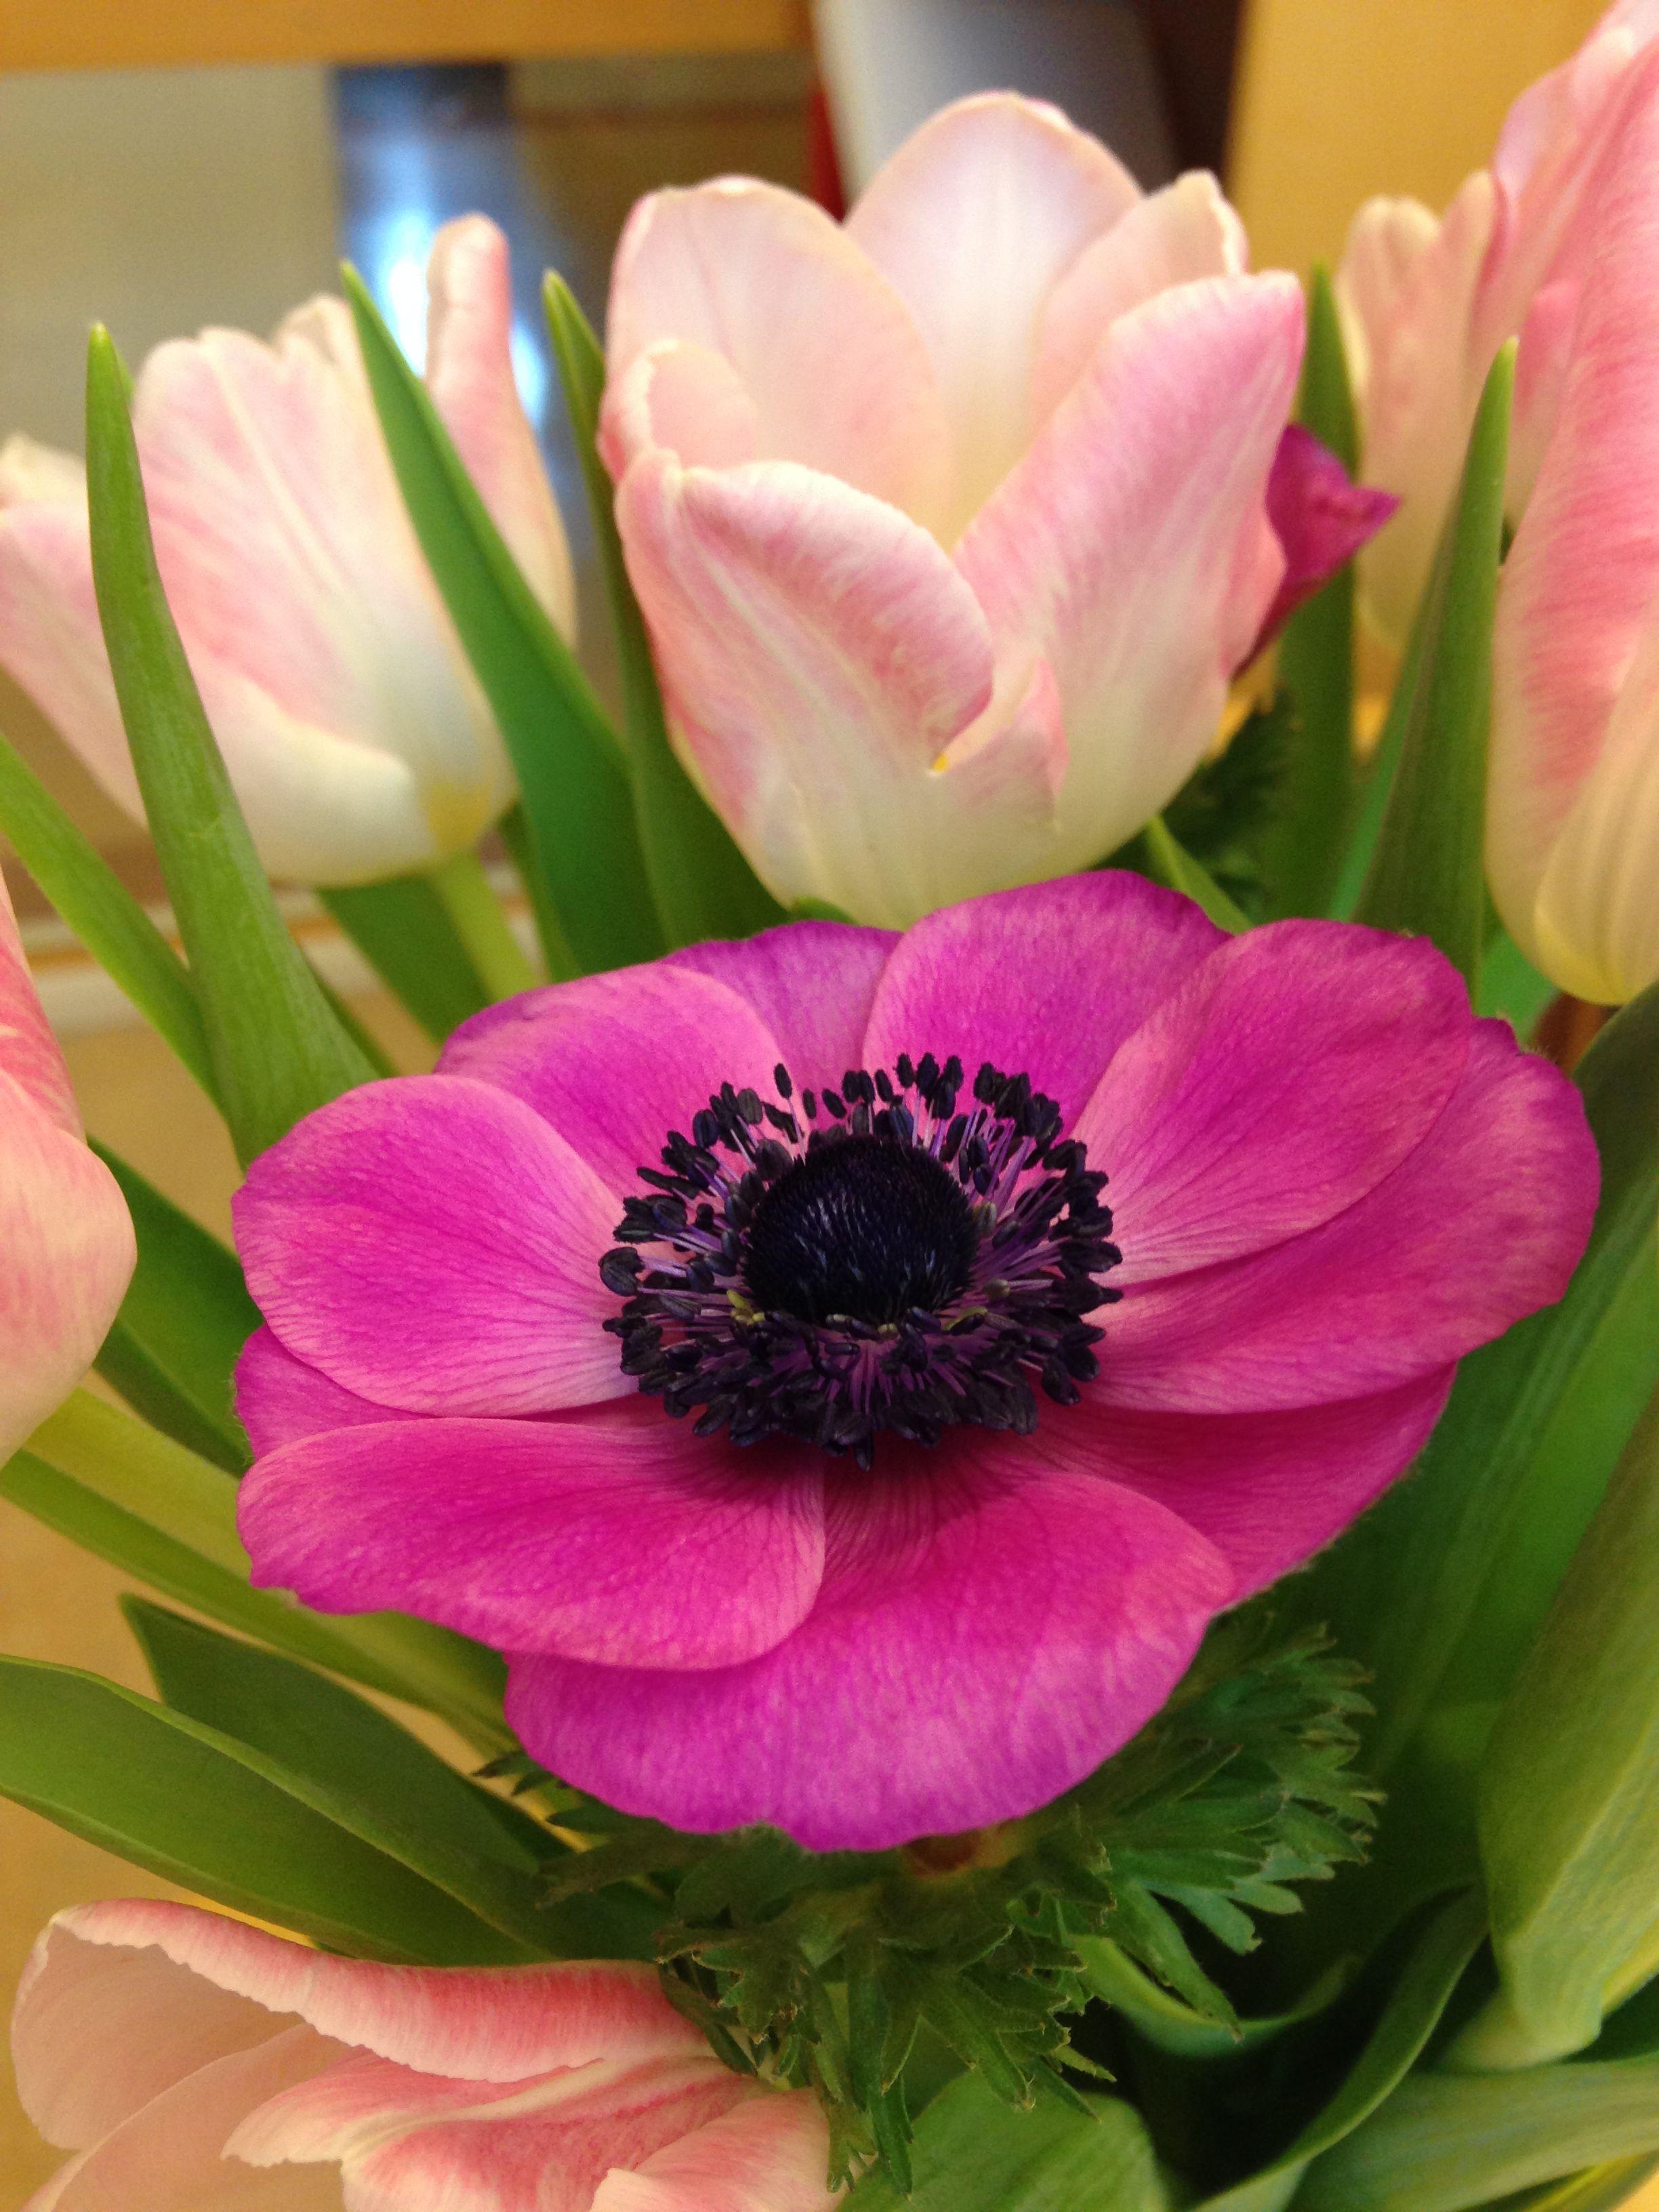 Épinglé par martine mailloux sur fleurs Fleurs